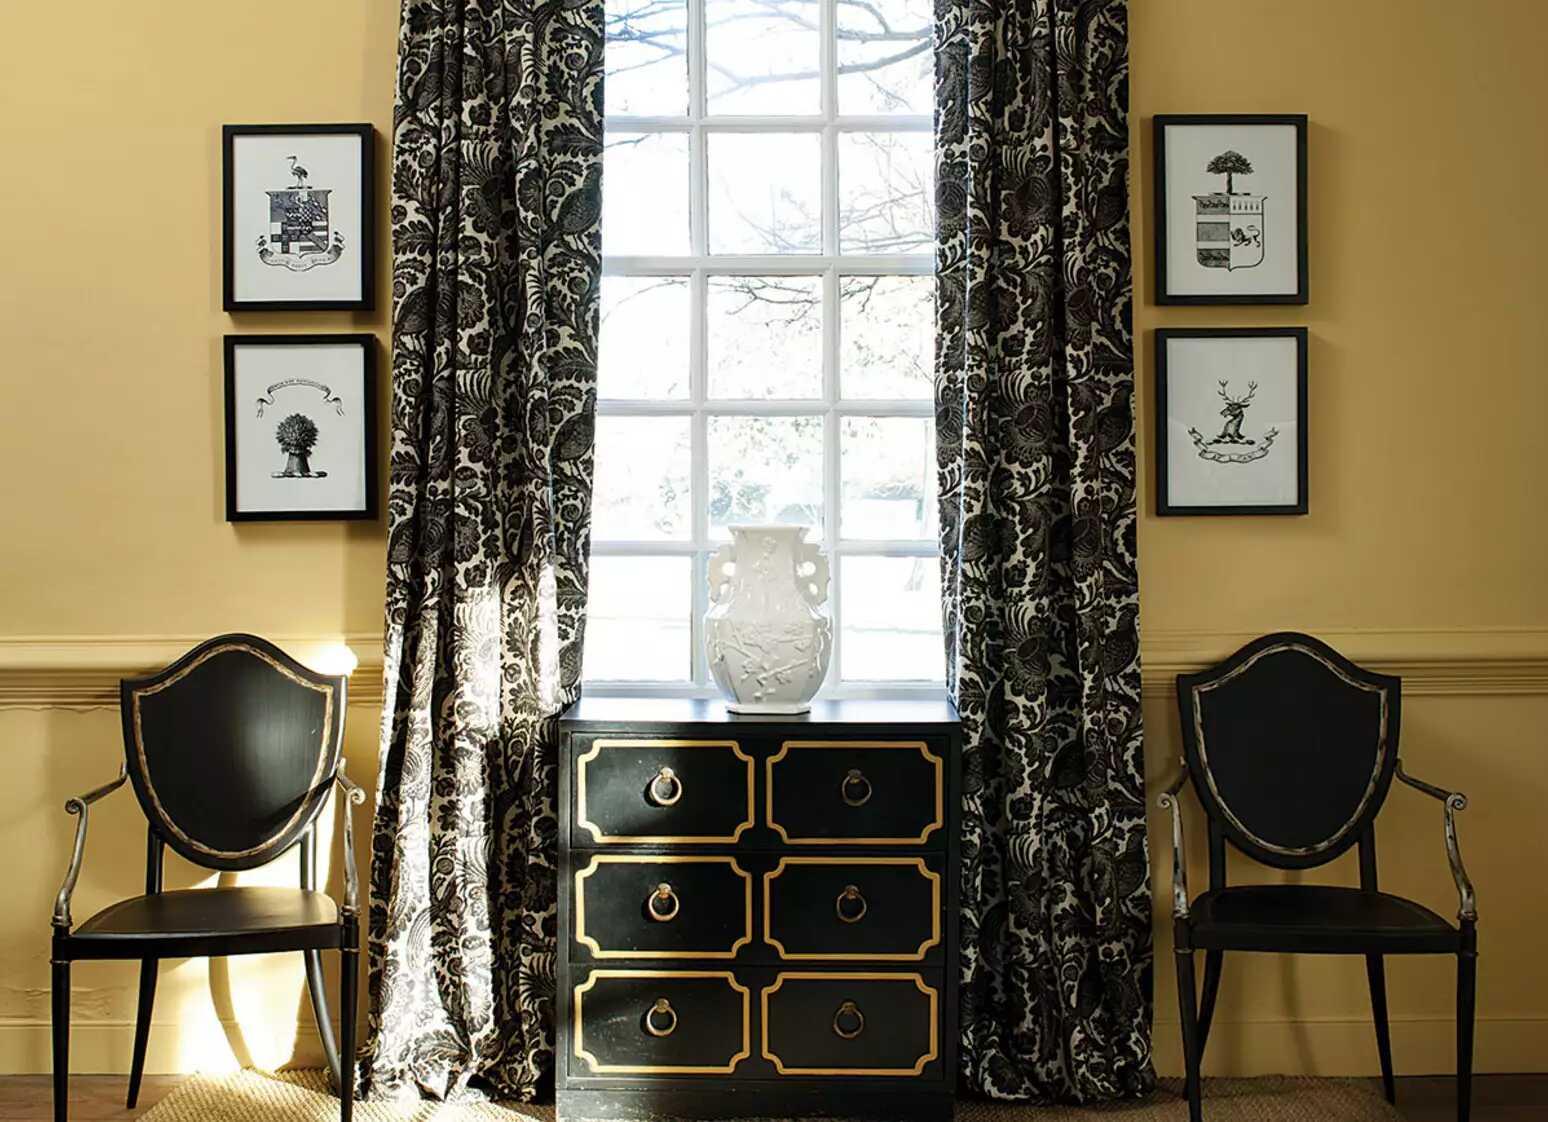 Bức tường màu vàng với đồ nội thất và rèm cửa màu đen